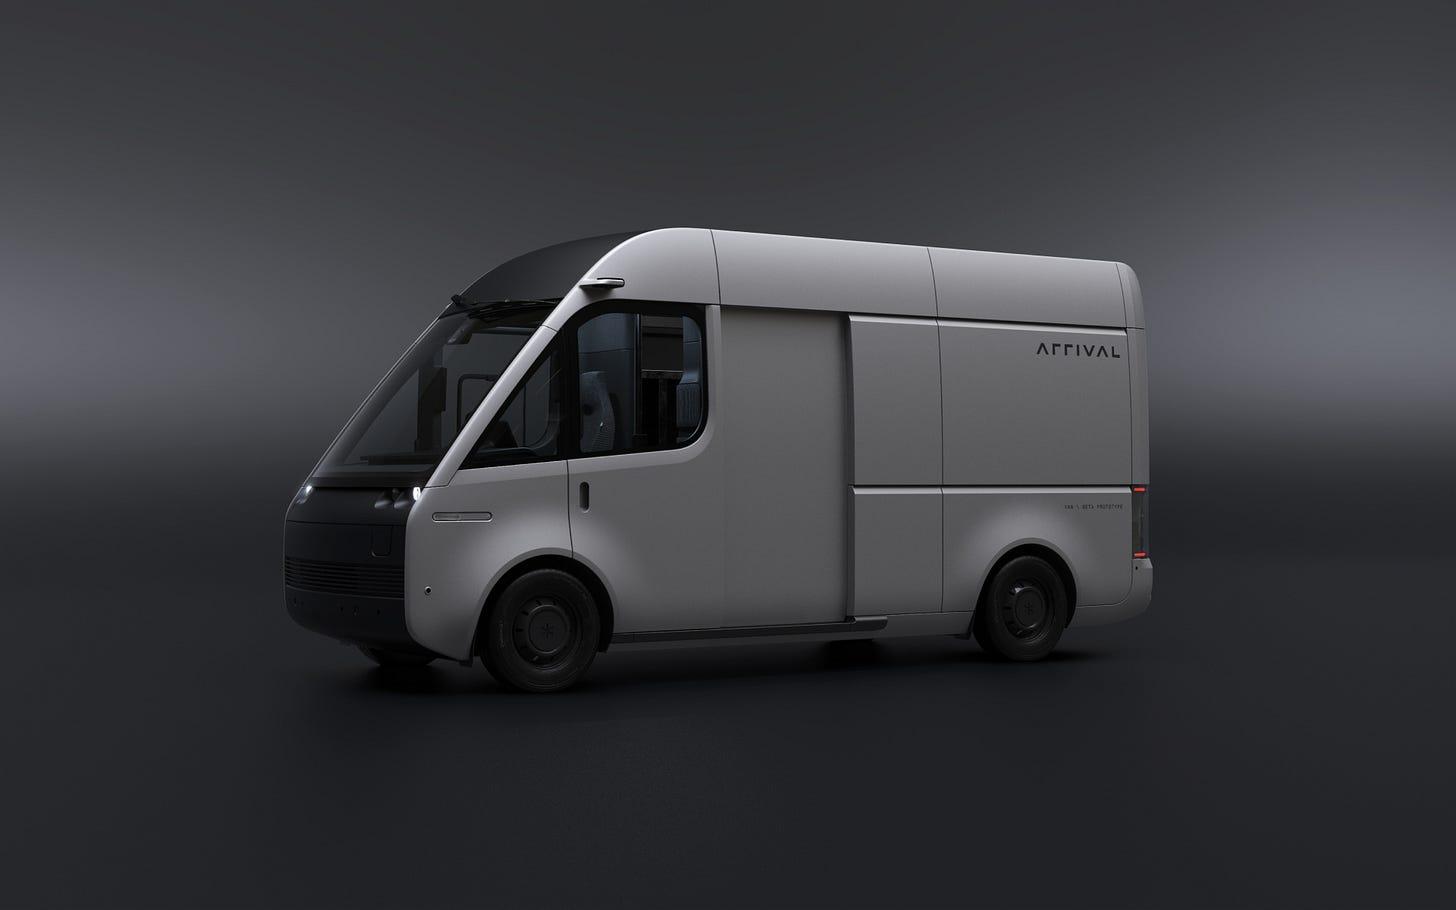 Grey Arrival Van Side View with Nearside Door Open, on a Dark Background